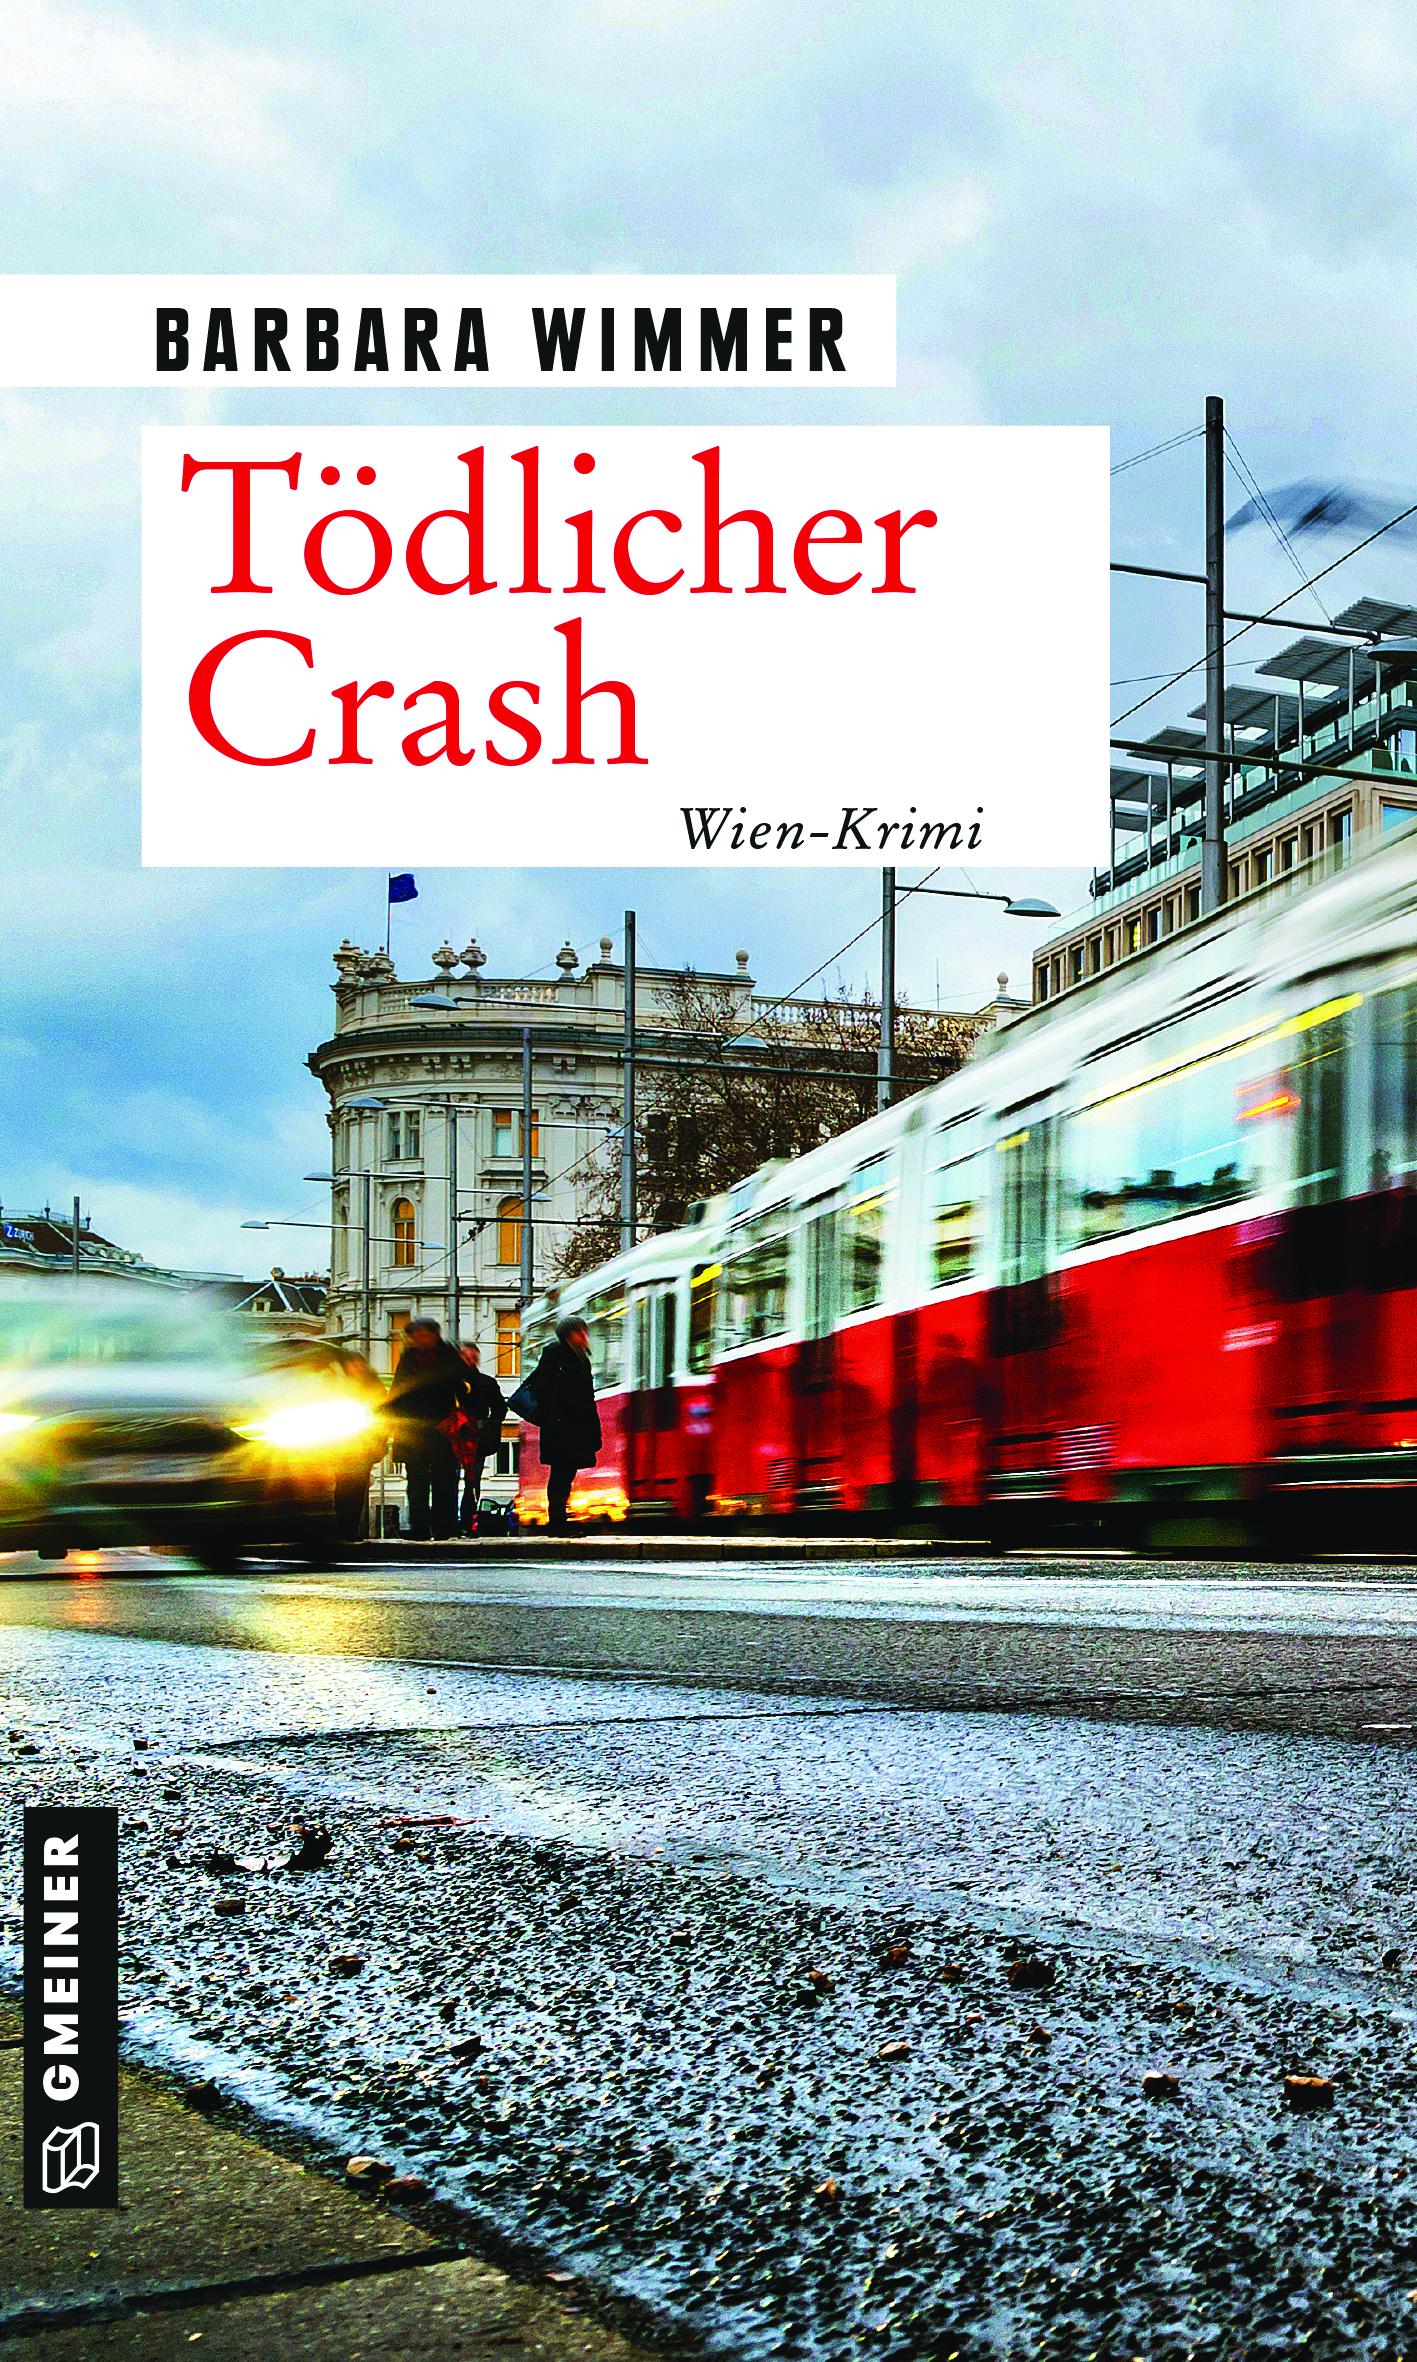 Tödlicher_Crash_LY_2.indd